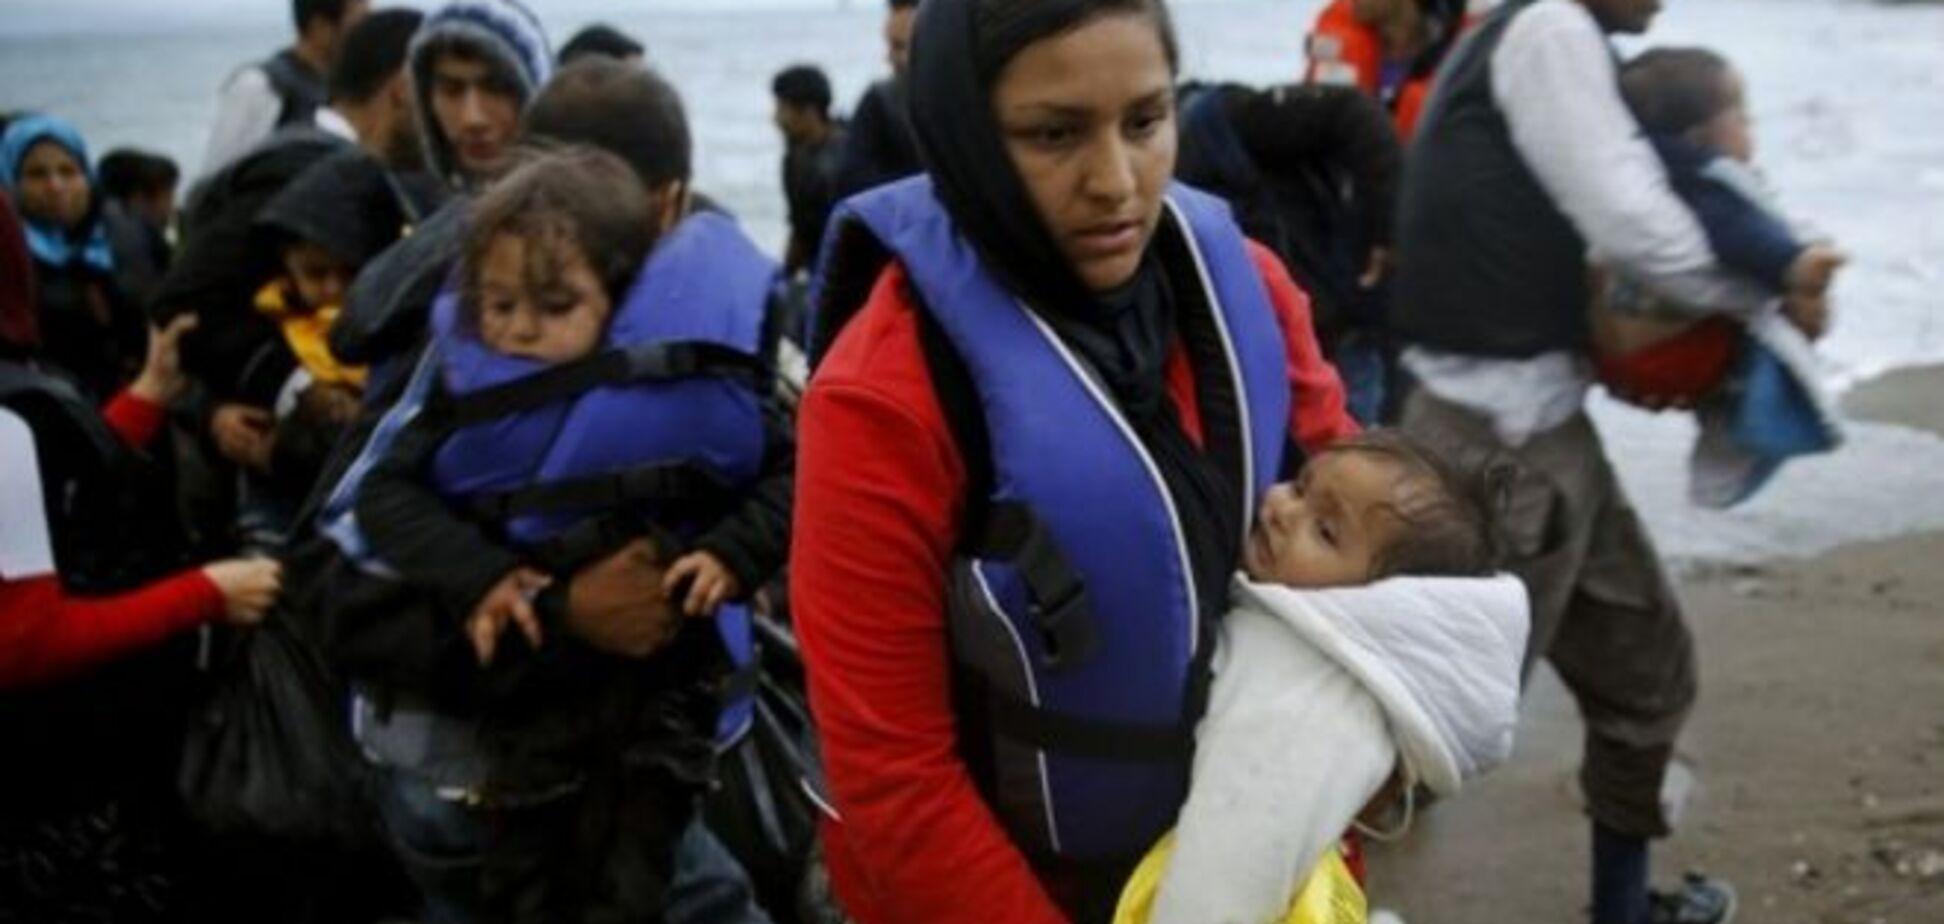 Часть стран ЕС хотят закрыть границы для мигрантов - The Guardian